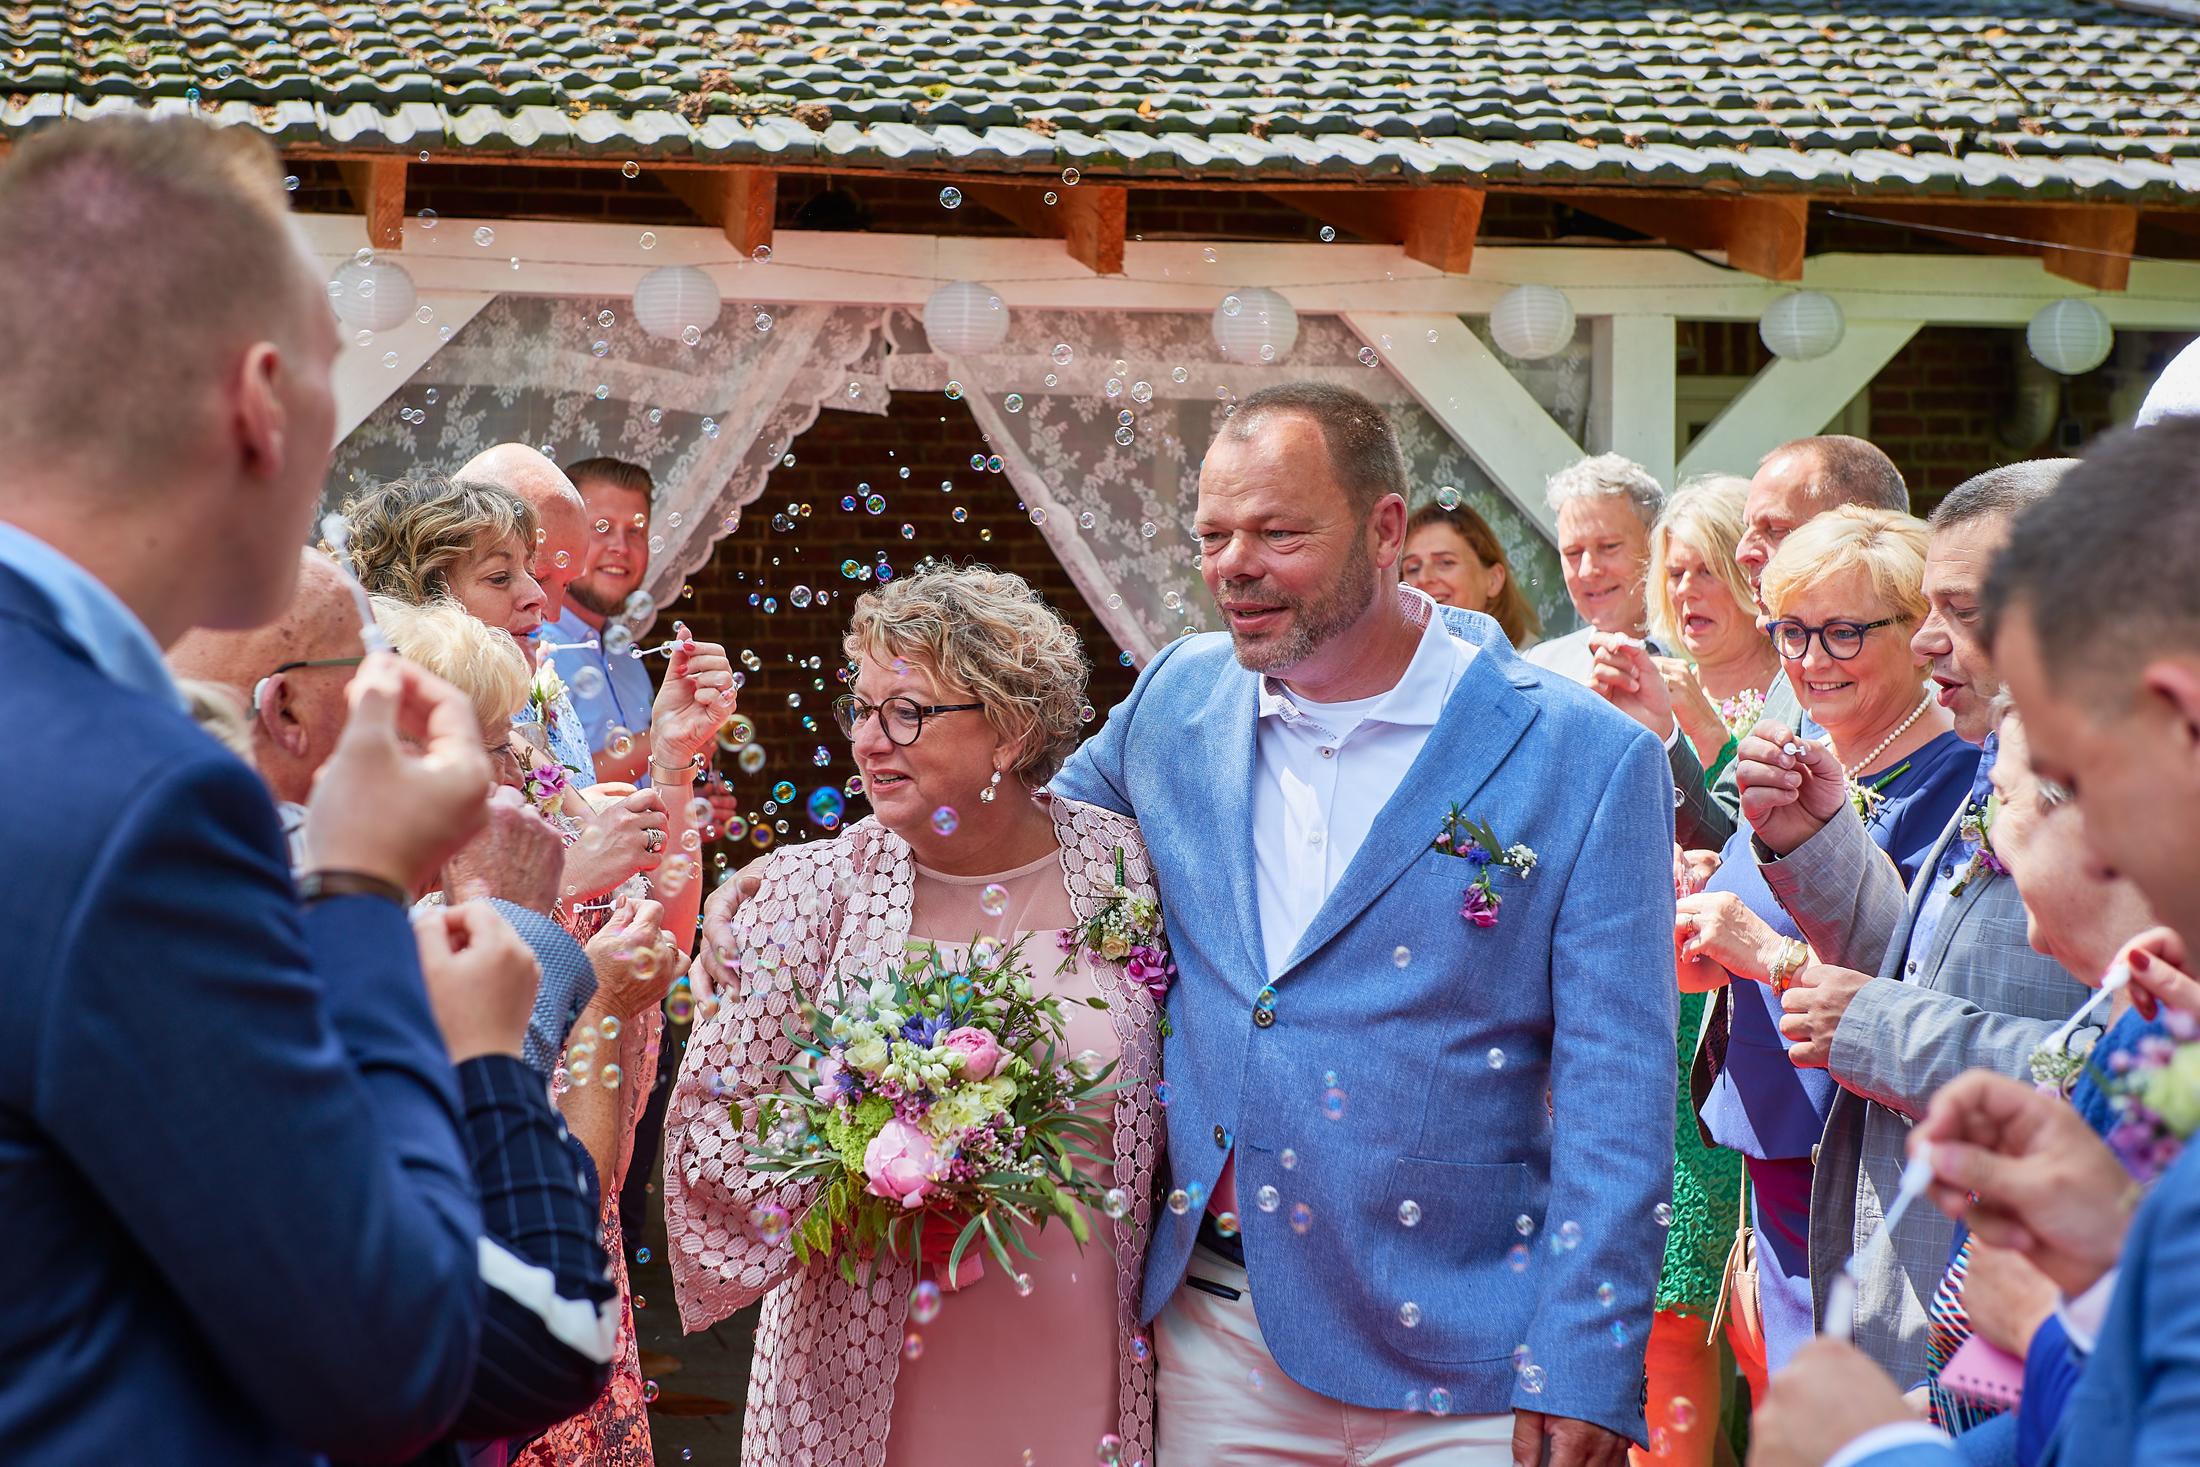 Bruiloft Henk-Jan en Ingeborg